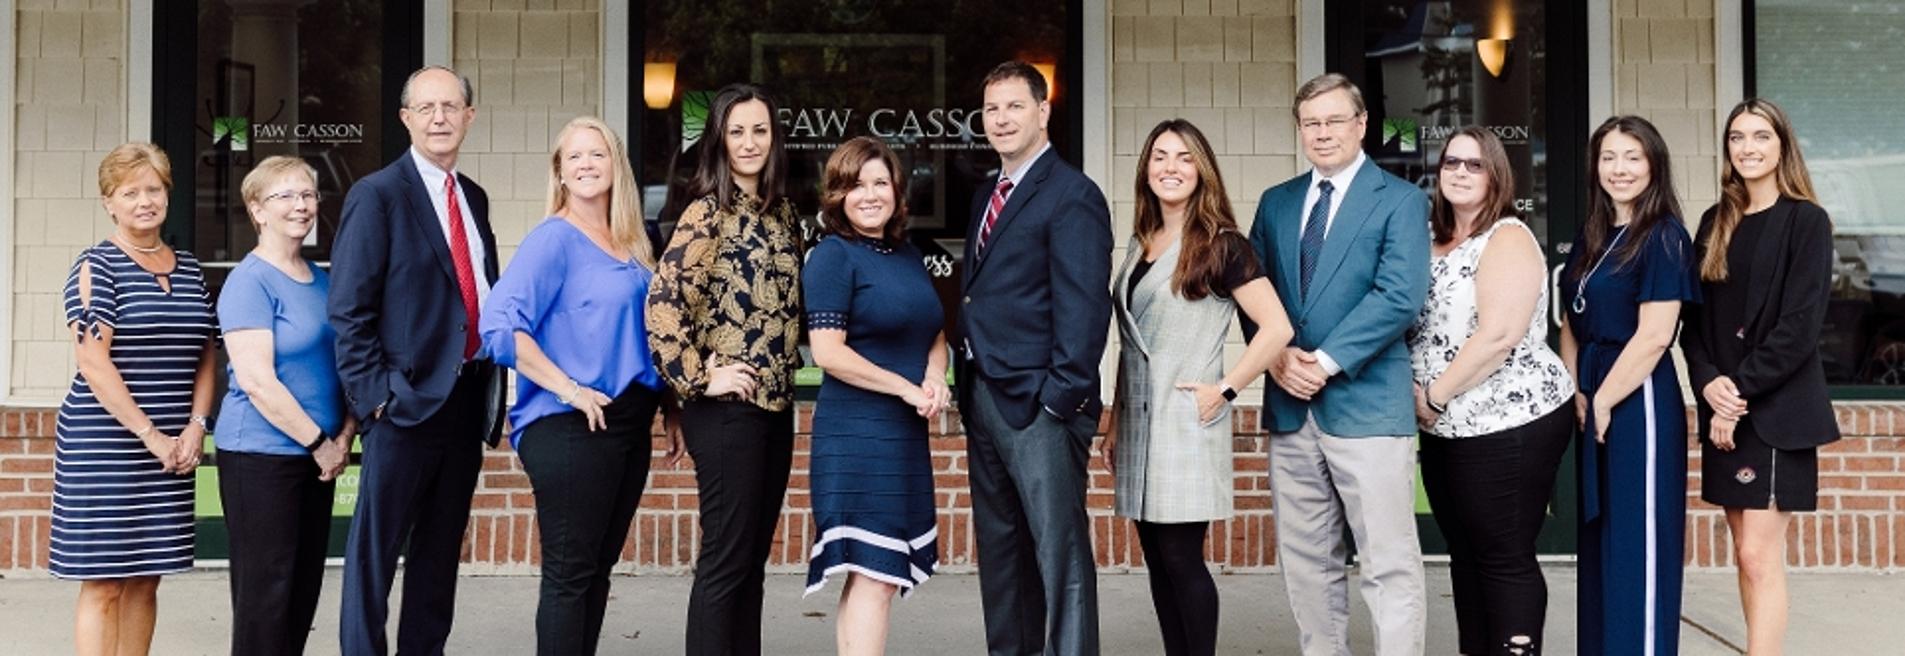 Ocean City Maryland Accountants serving Salisbury, Berlin, Ocean Pines